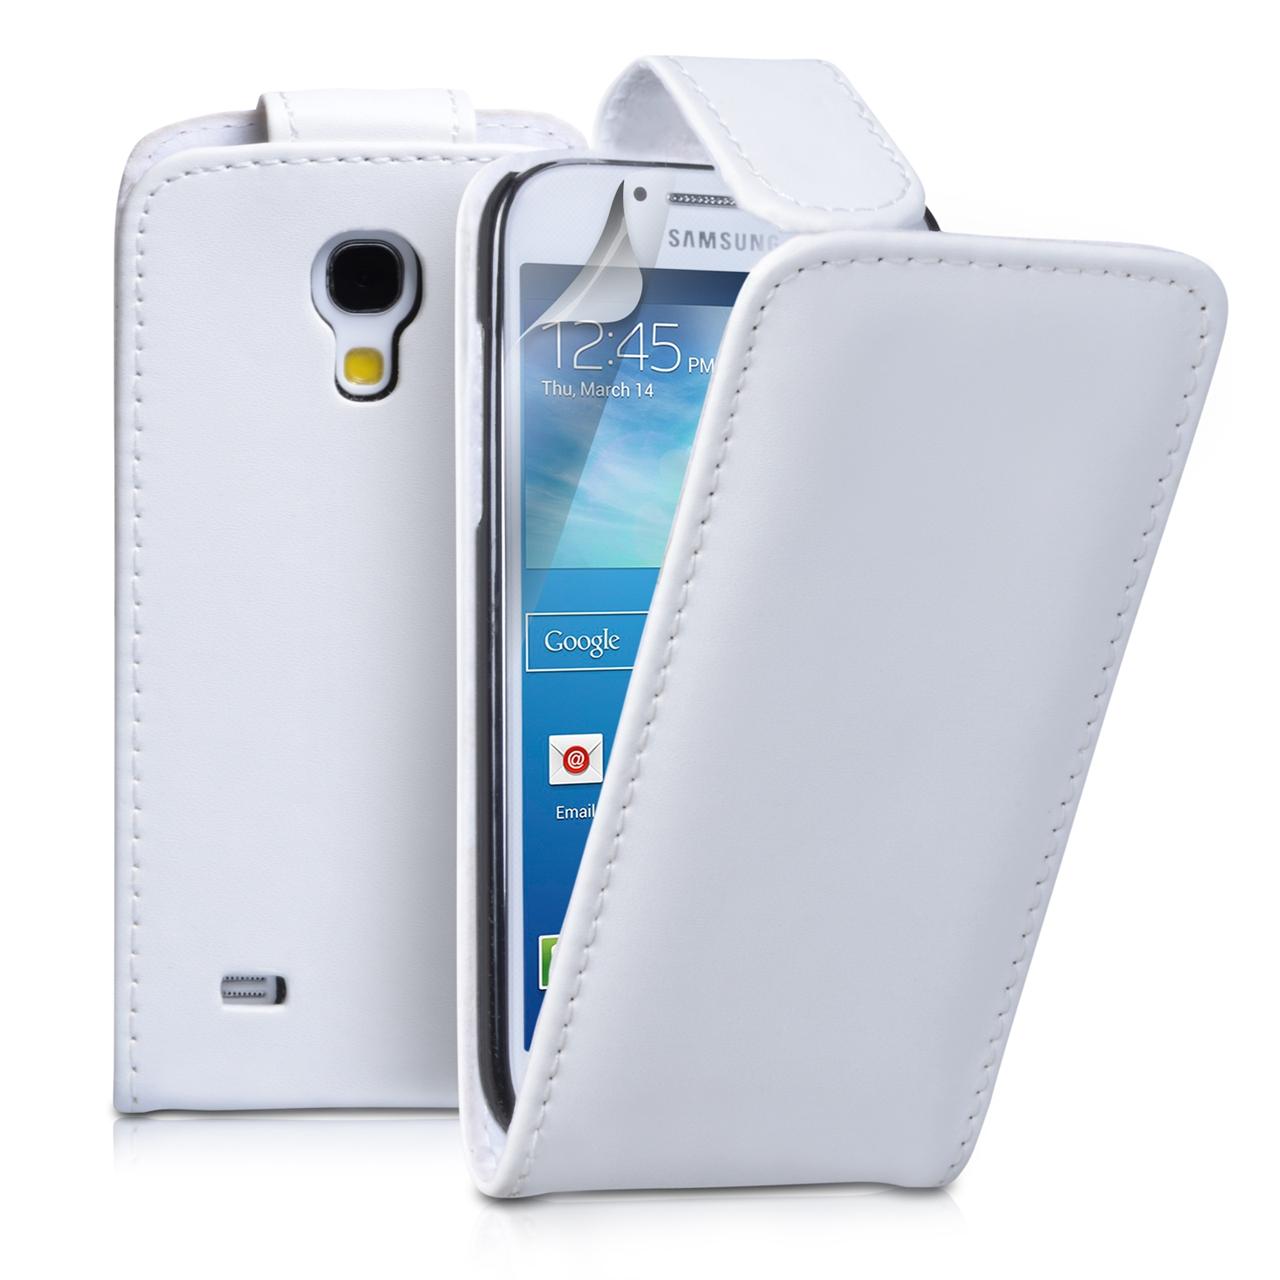 Galaxy S4 Flipcase hoesje maken